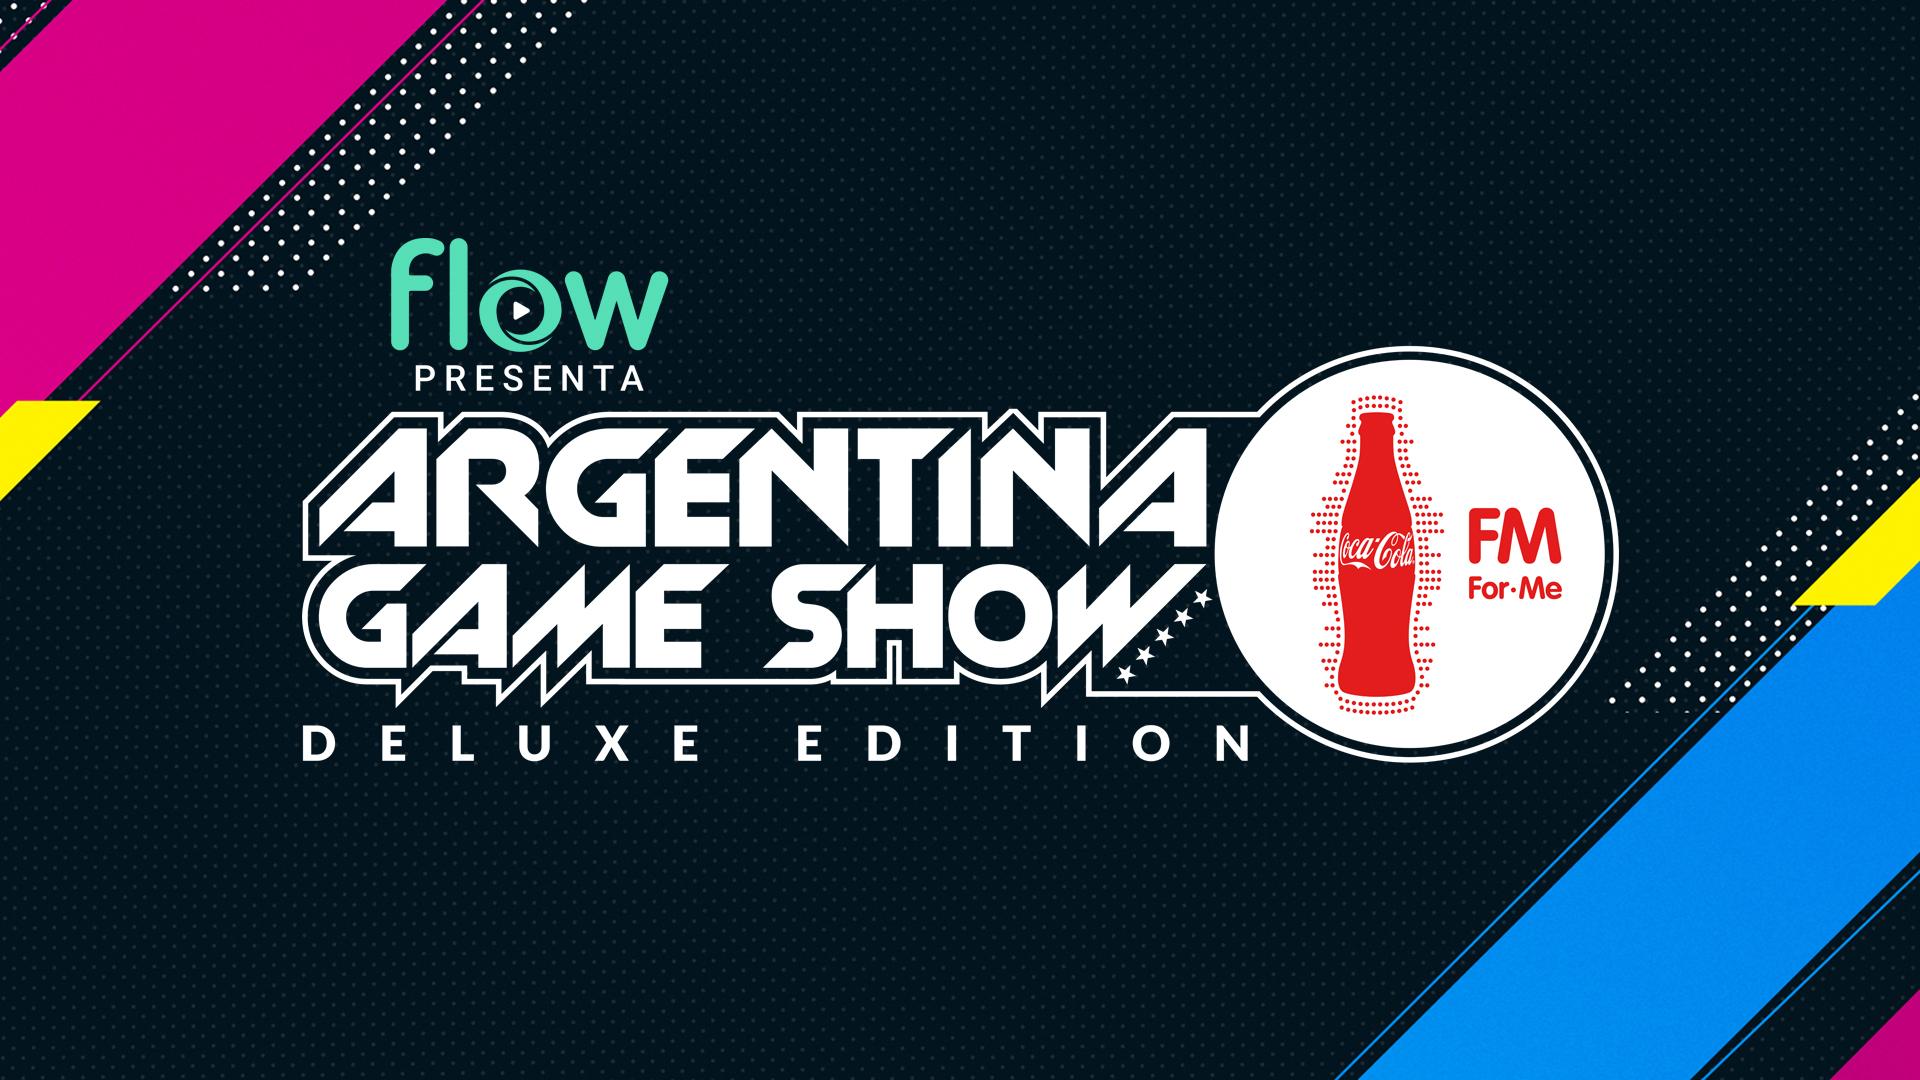 Argentina Game Show For Me 2019: ¡Todo lo que tenés que saber!